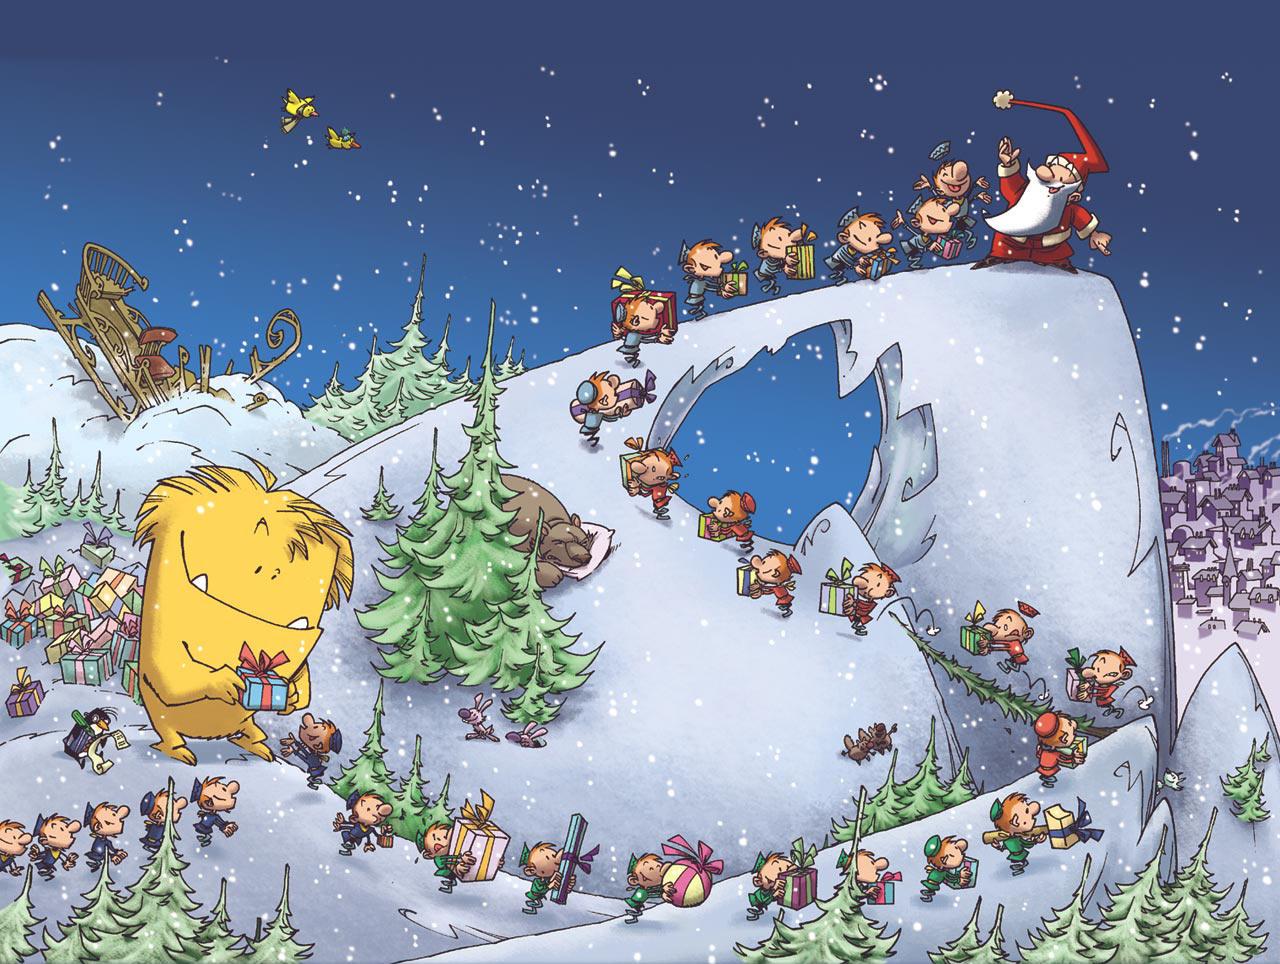 feliz-navidad-after-xmas-christmas-papa-noel-nochebuena-ninos